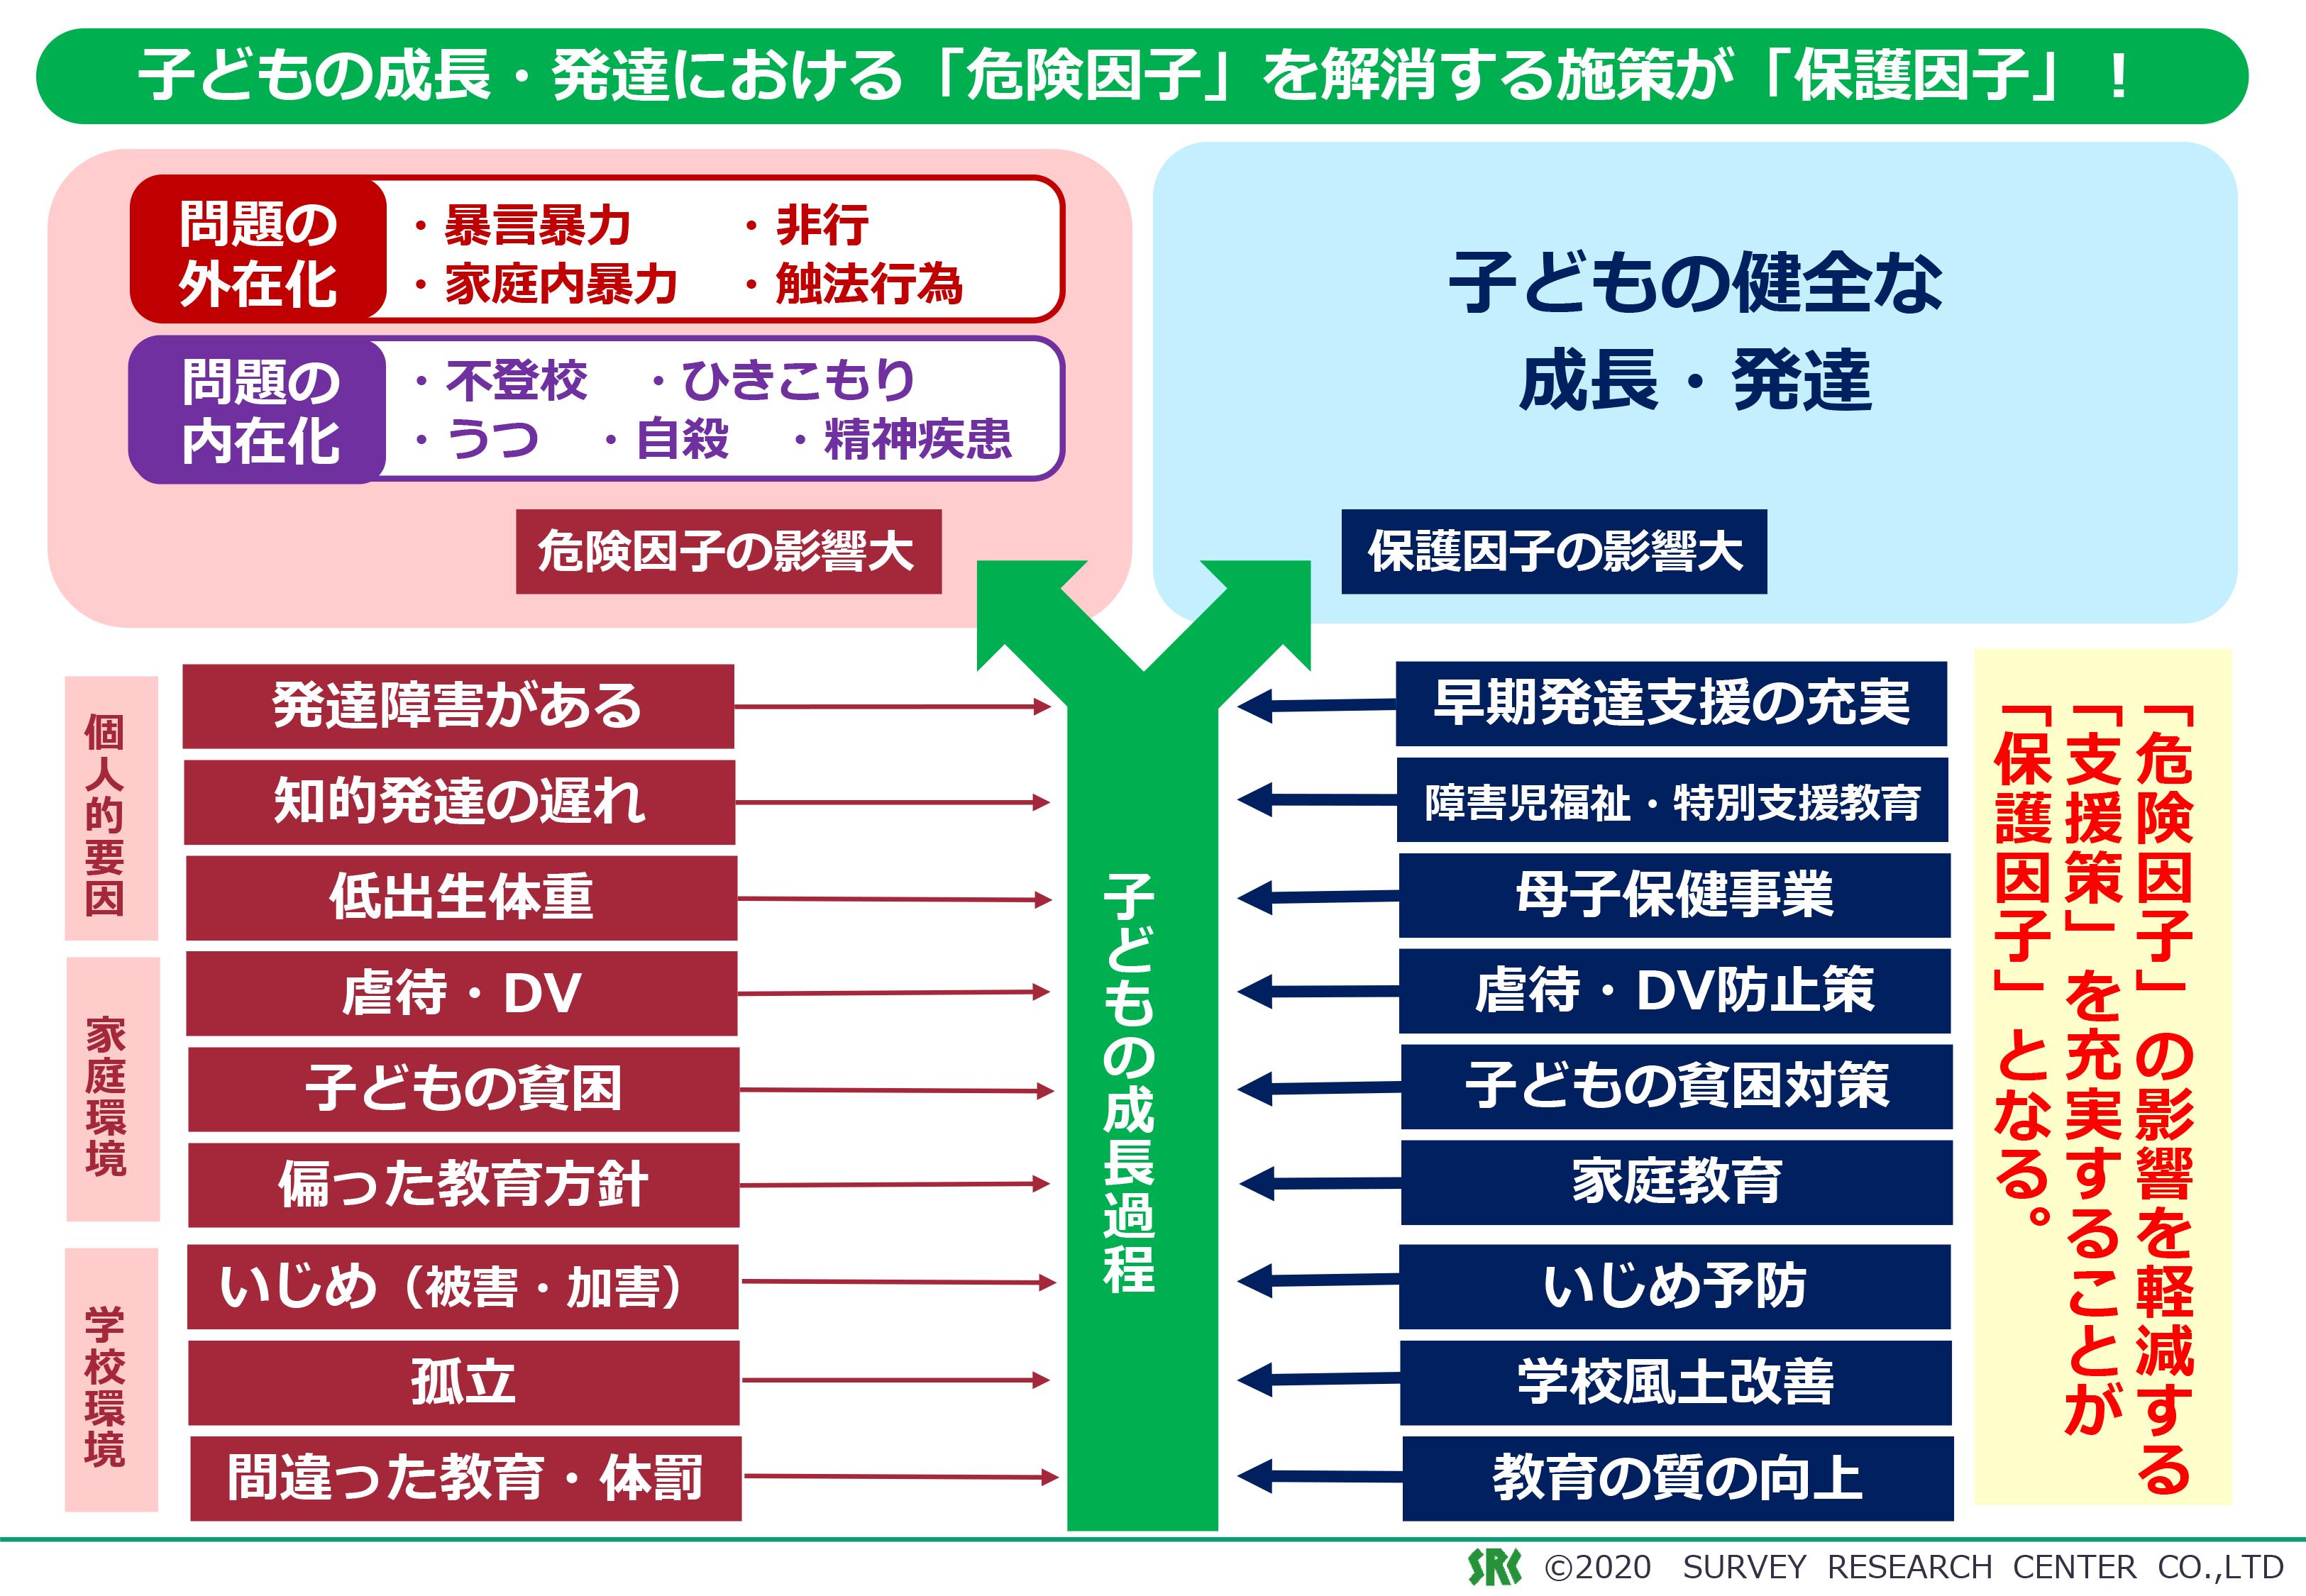 子どもの発達ソリューション図1